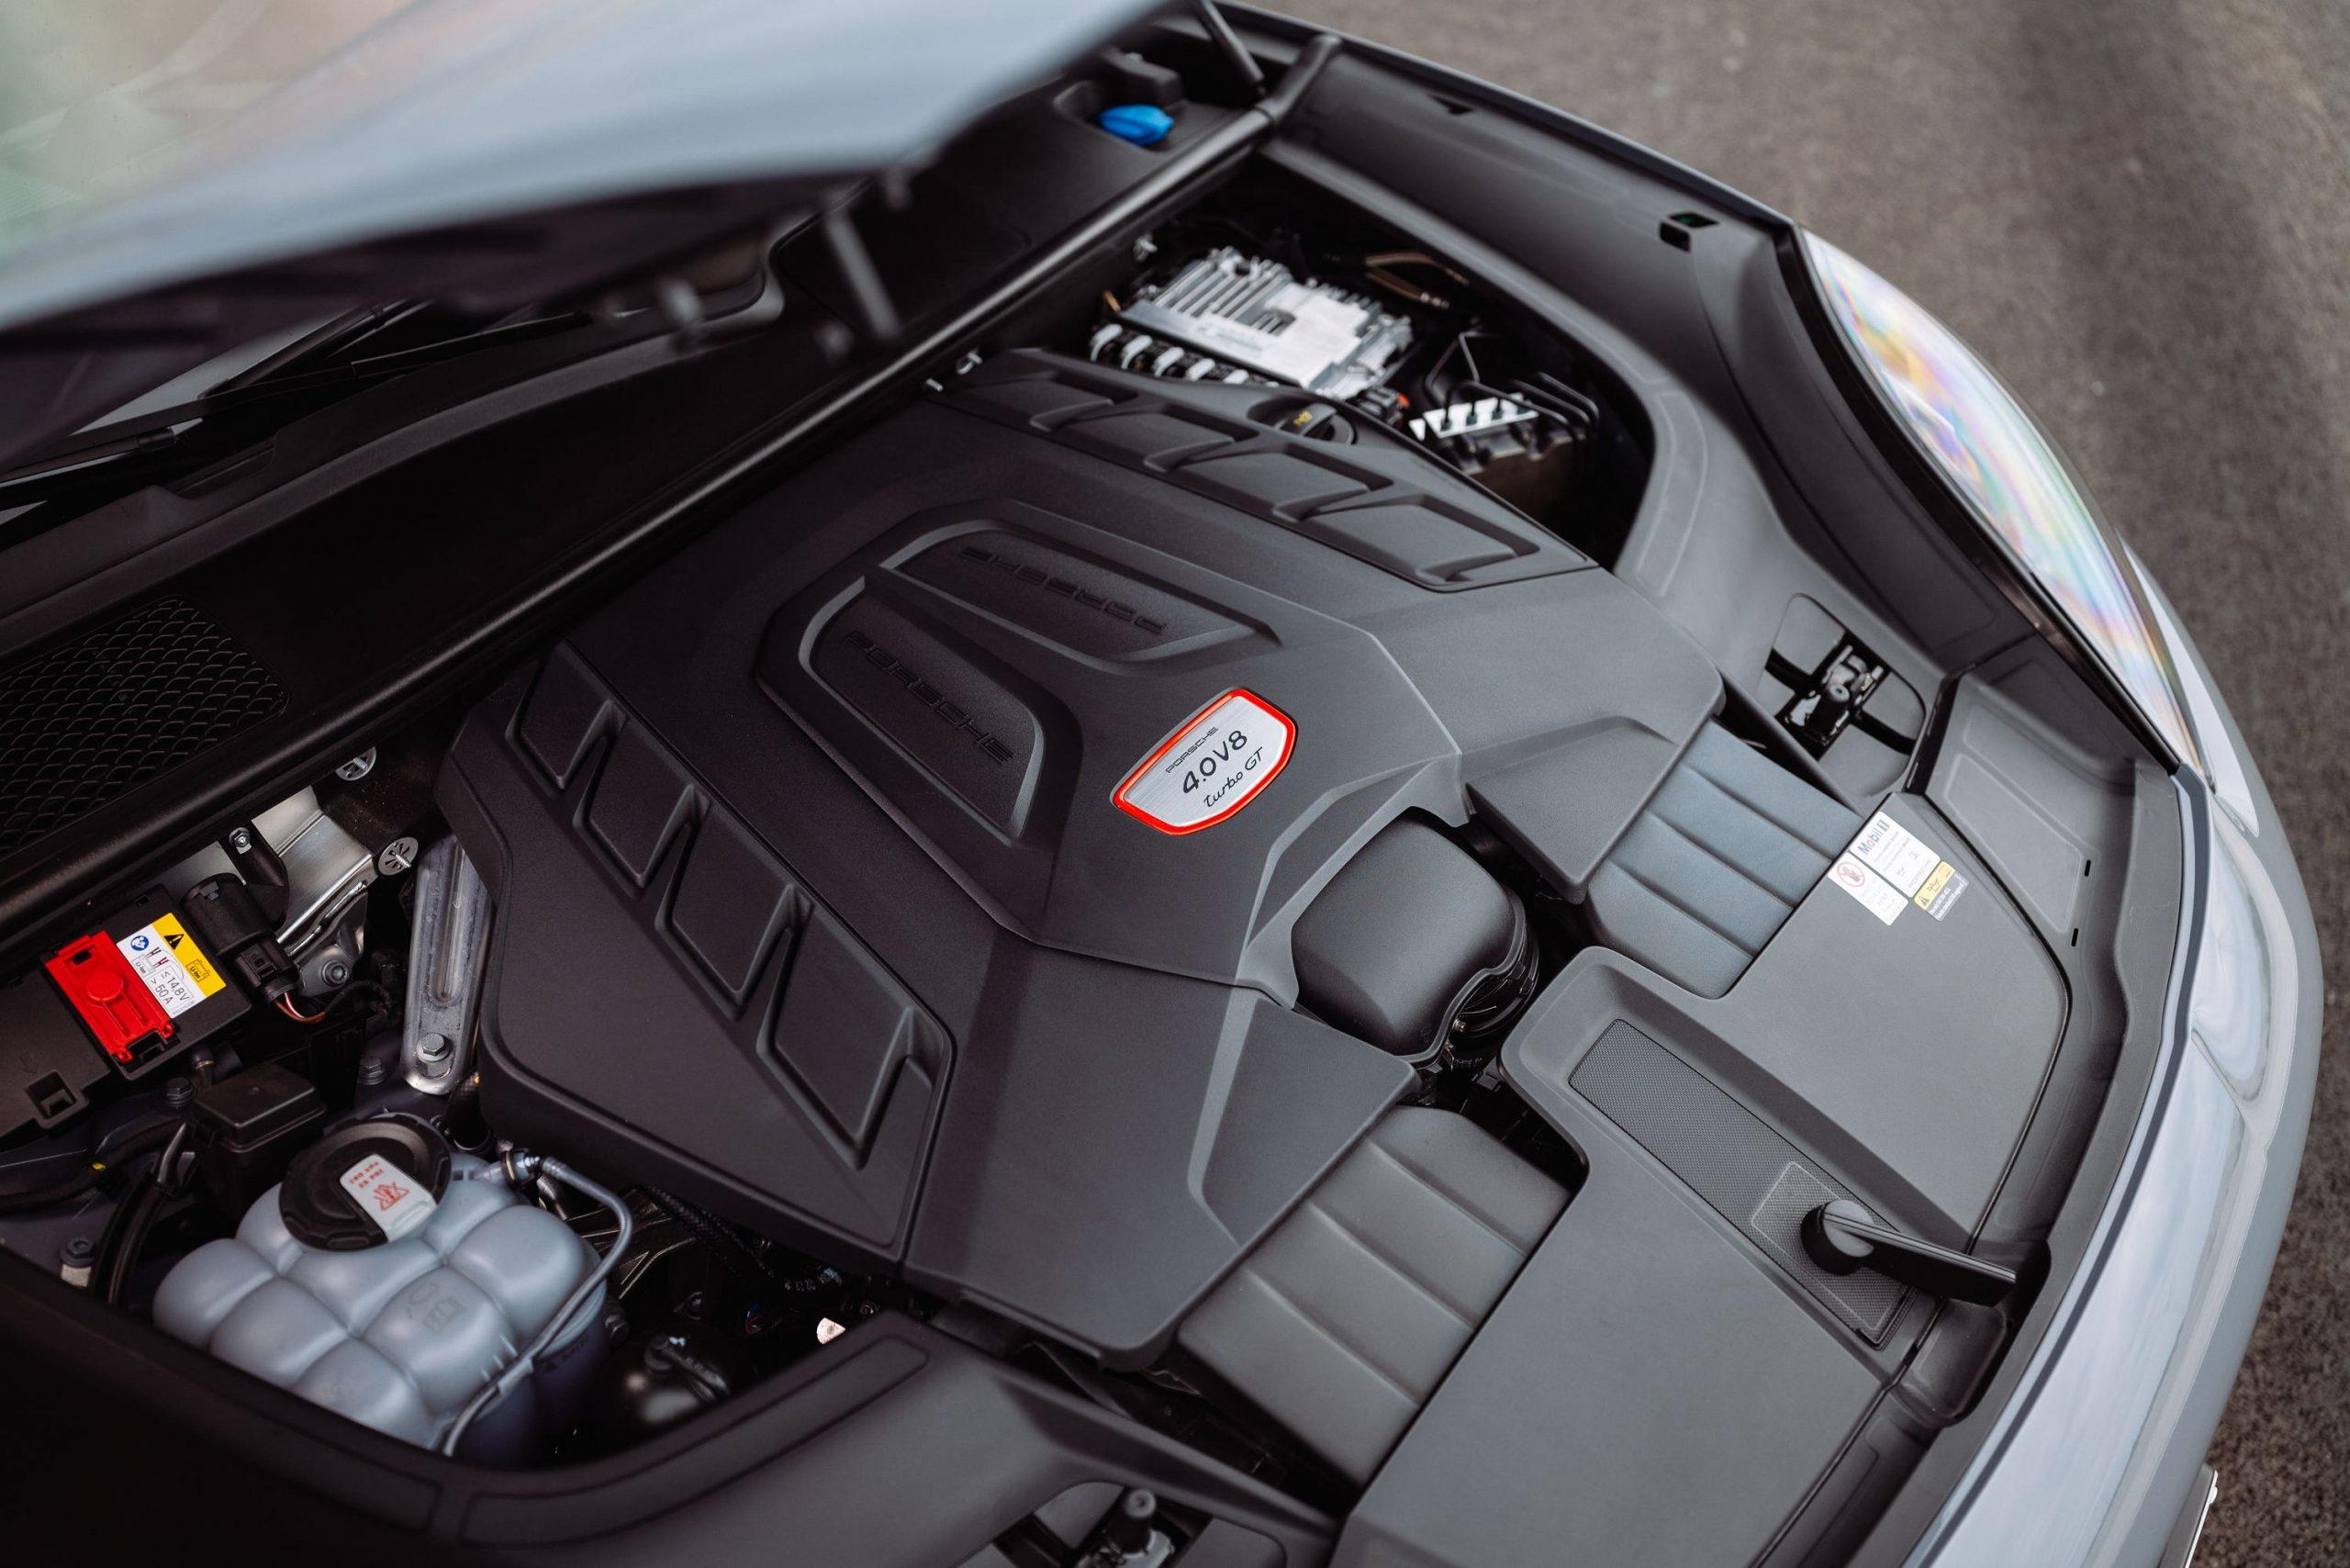 Engine in a Porsche Cayenne Turbo GT